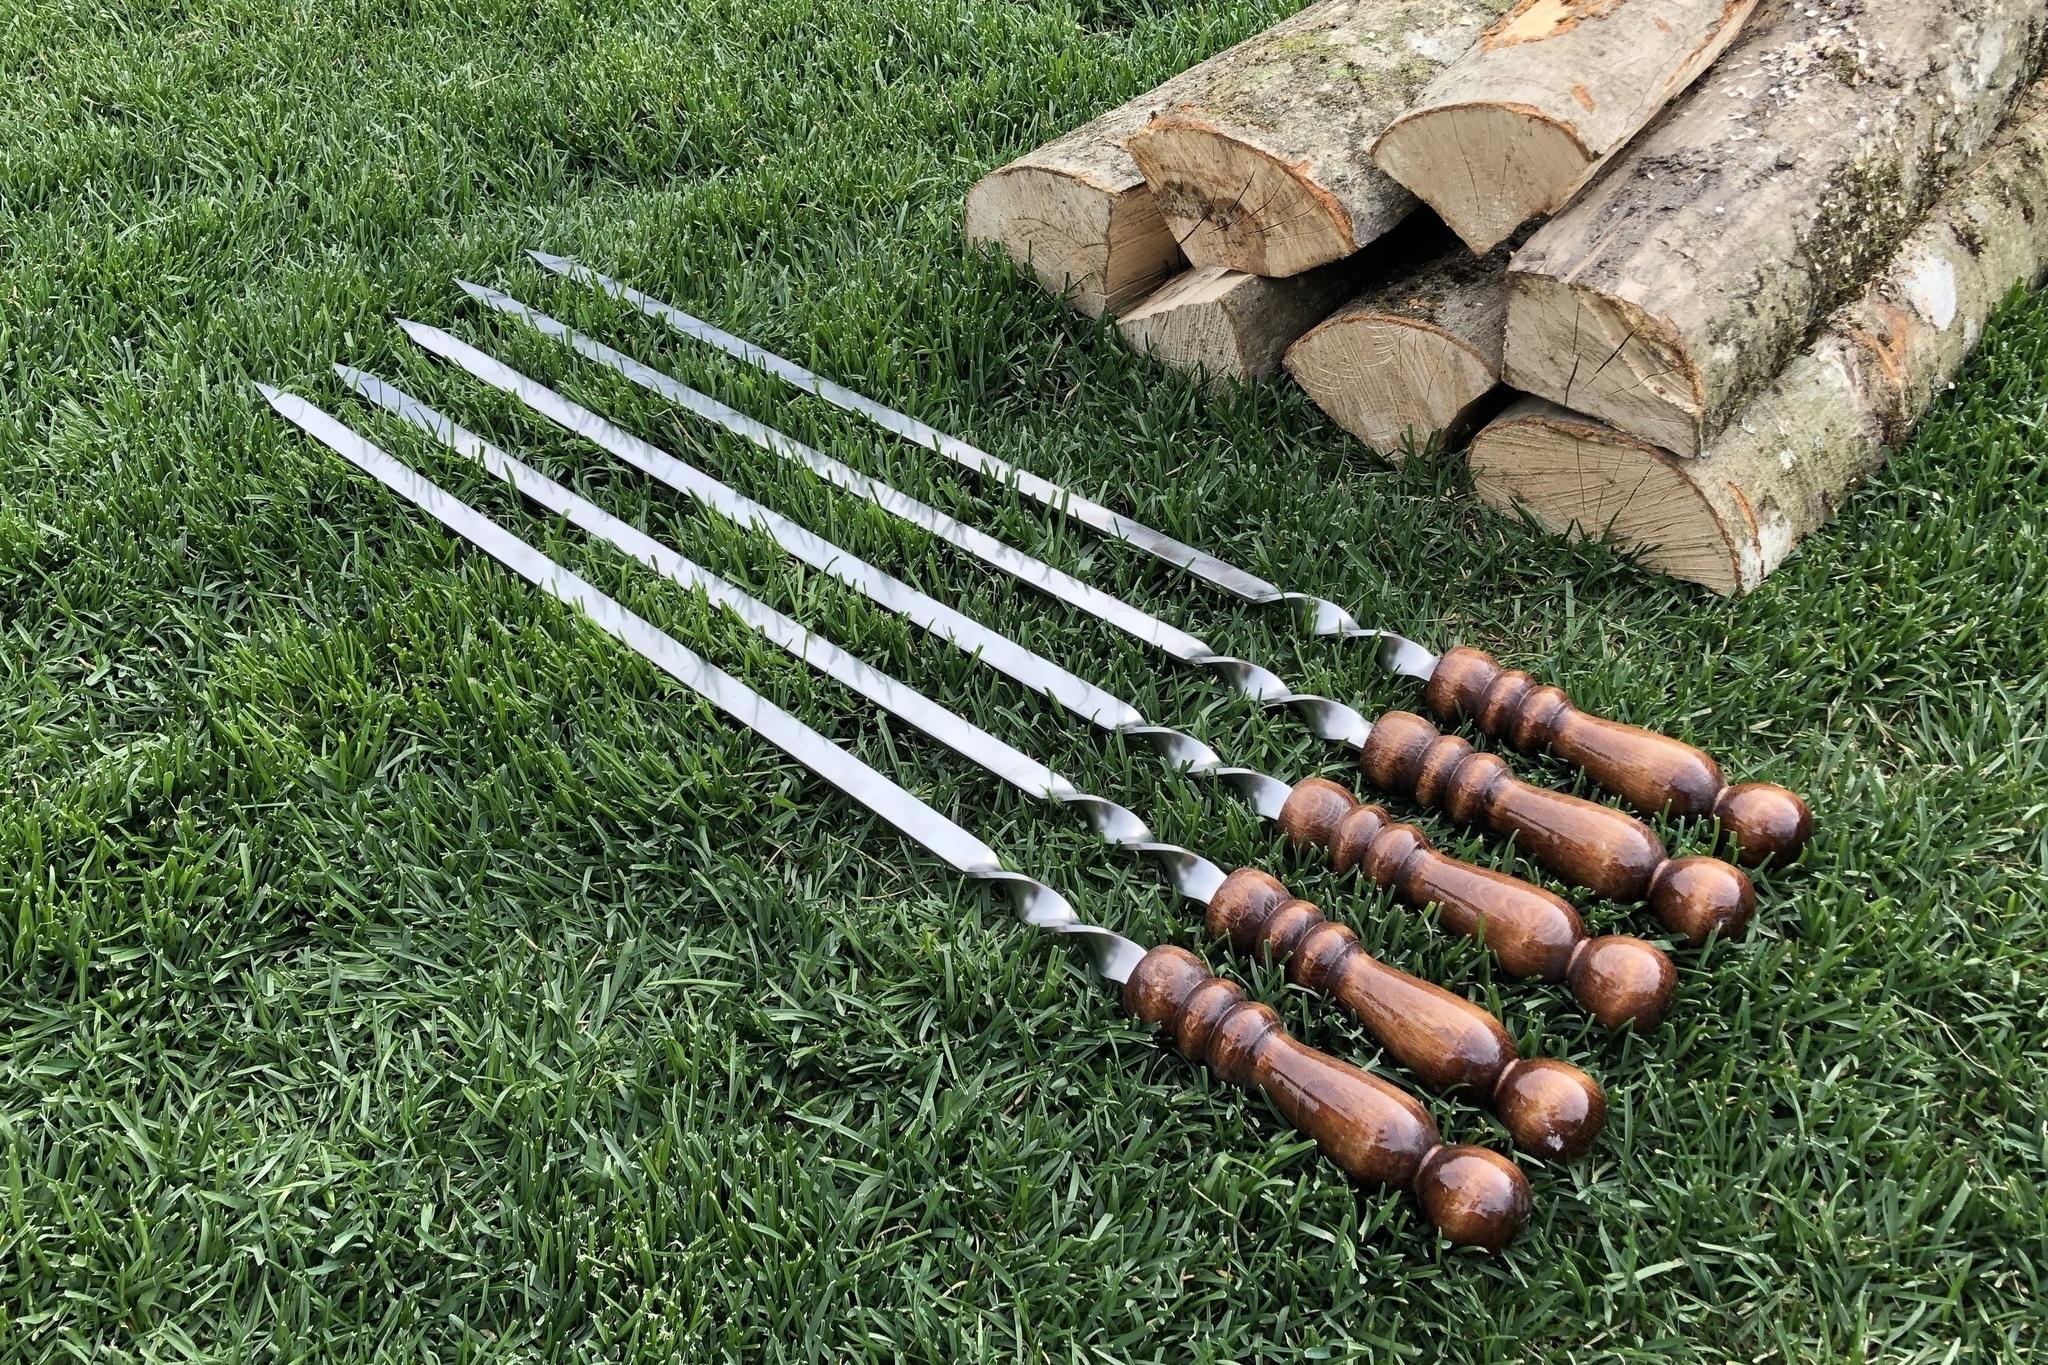 """Шампуры из нержавейки Шампур с деревянной ручкой """"Шар"""" 3мм (ширина 14мм) №4 IMG_3750.JPG"""